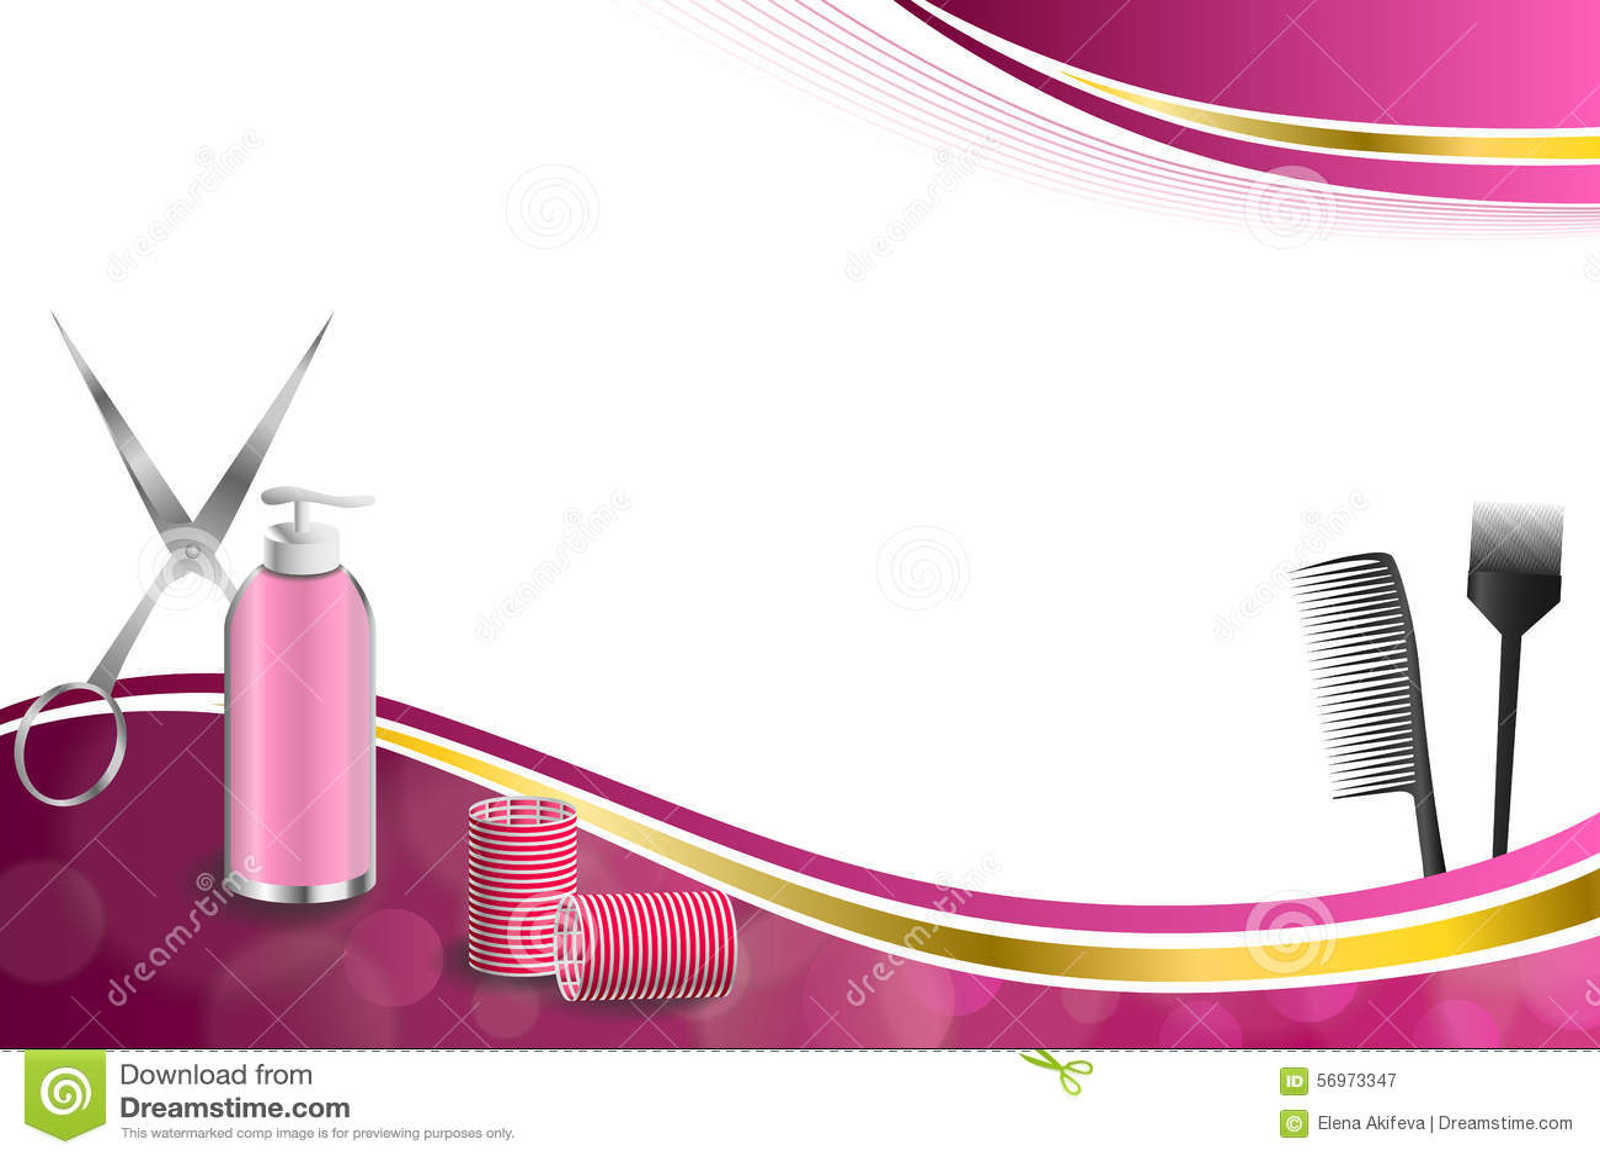 背景抽象桃红色理发理发师工具红色卷发的人剪刀掠过金丝带框架例证